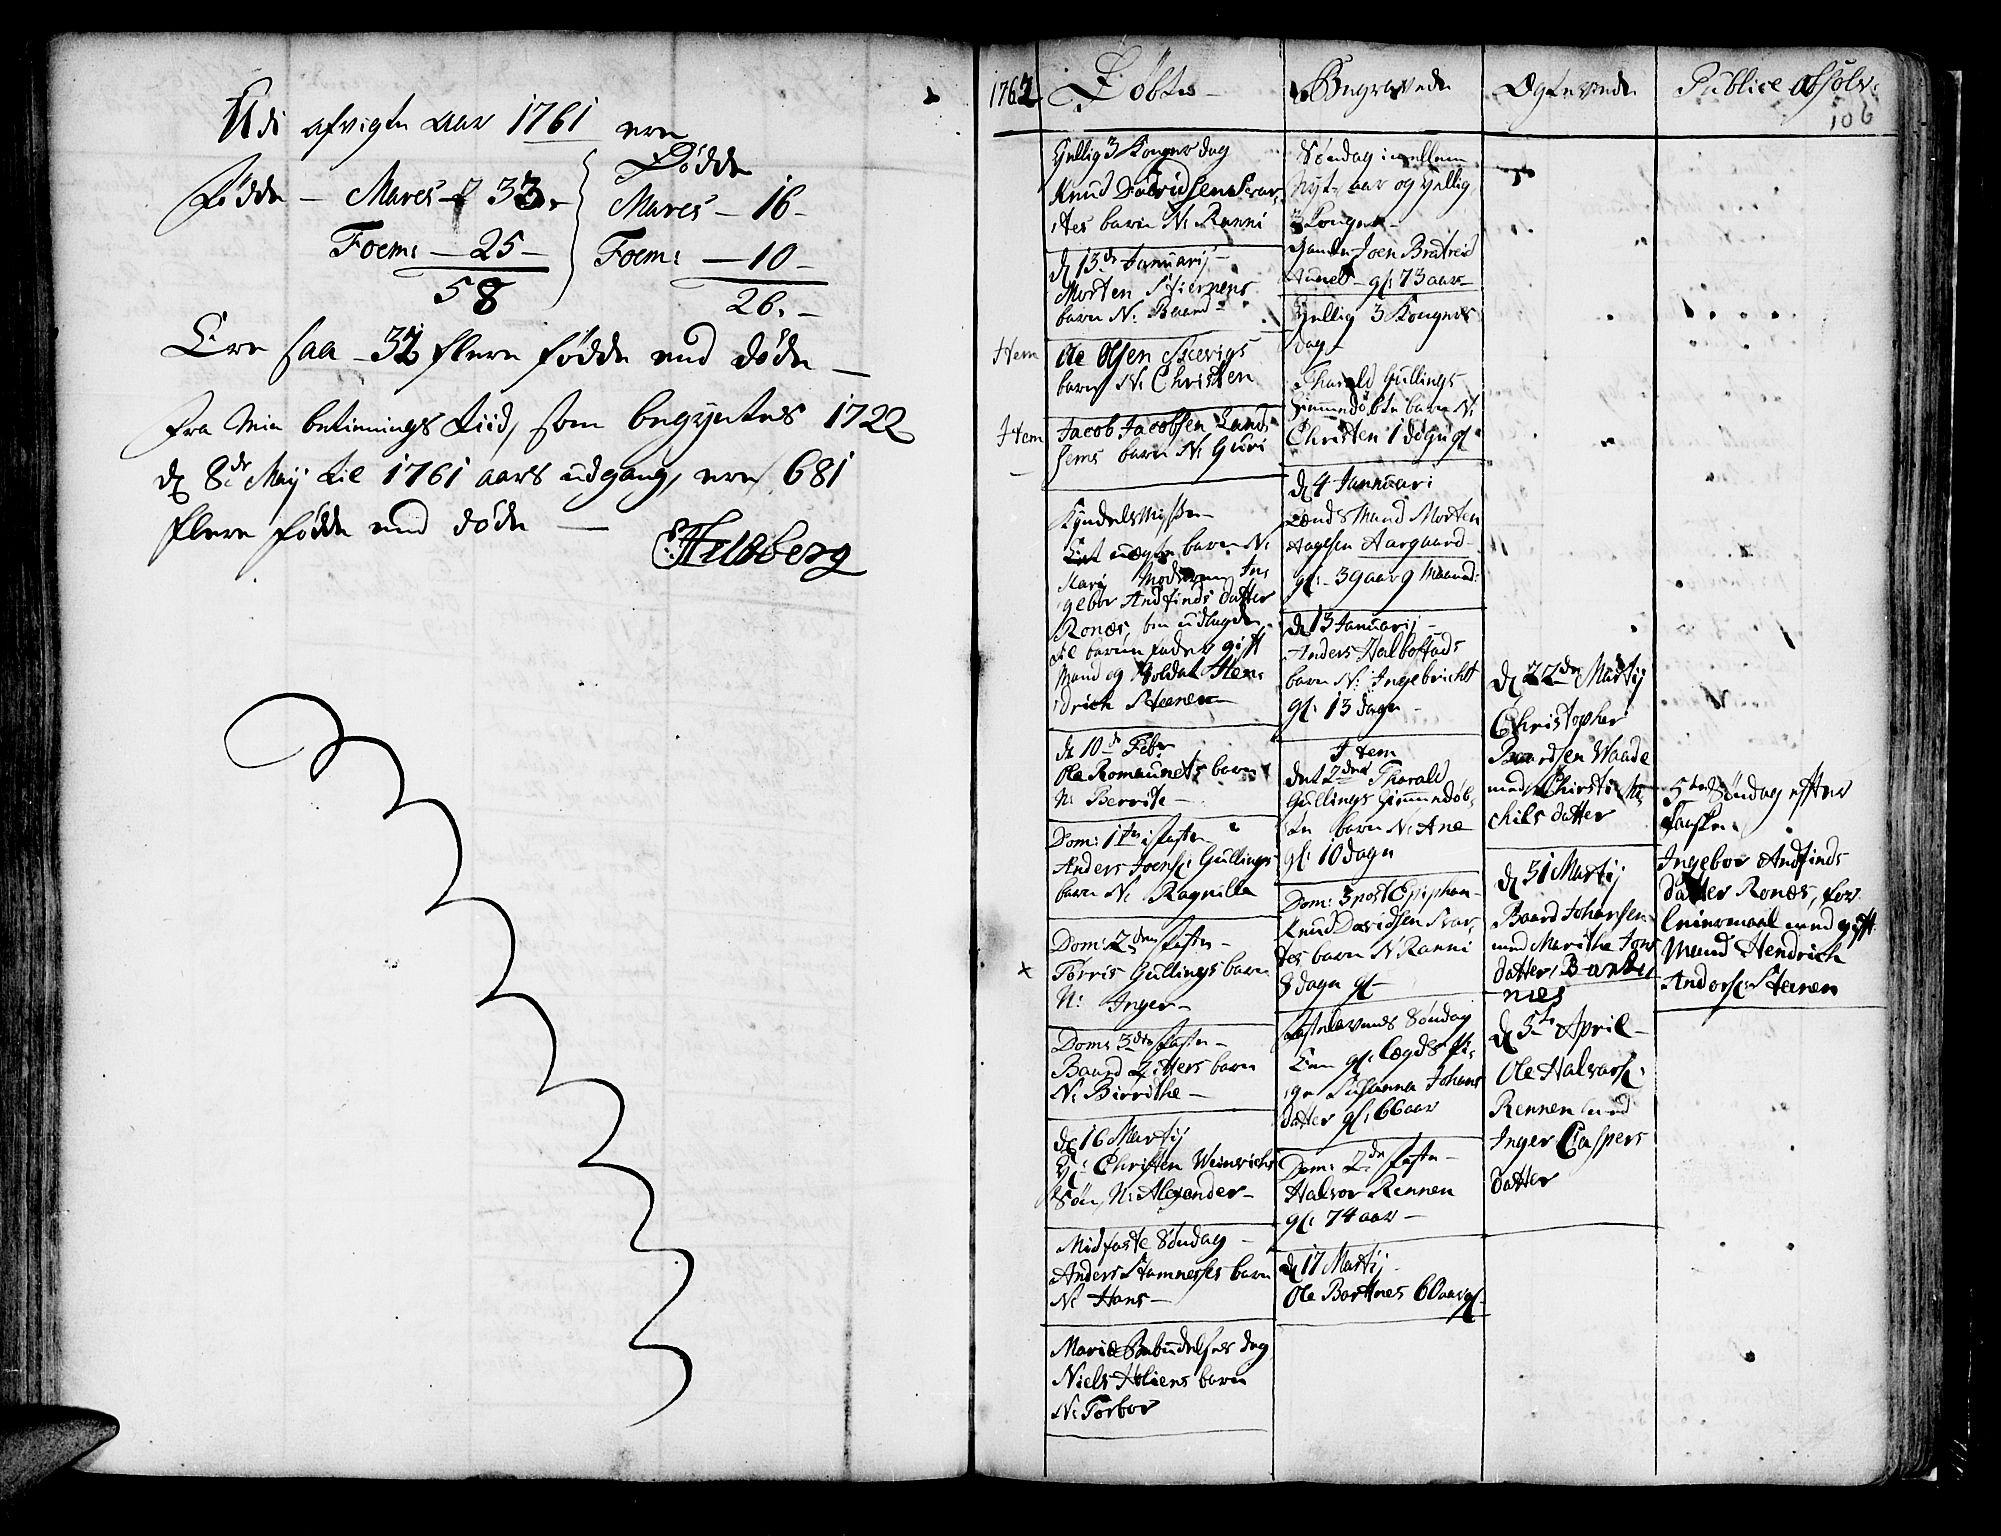 SAT, Ministerialprotokoller, klokkerbøker og fødselsregistre - Nord-Trøndelag, 741/L0385: Ministerialbok nr. 741A01, 1722-1815, s. 106